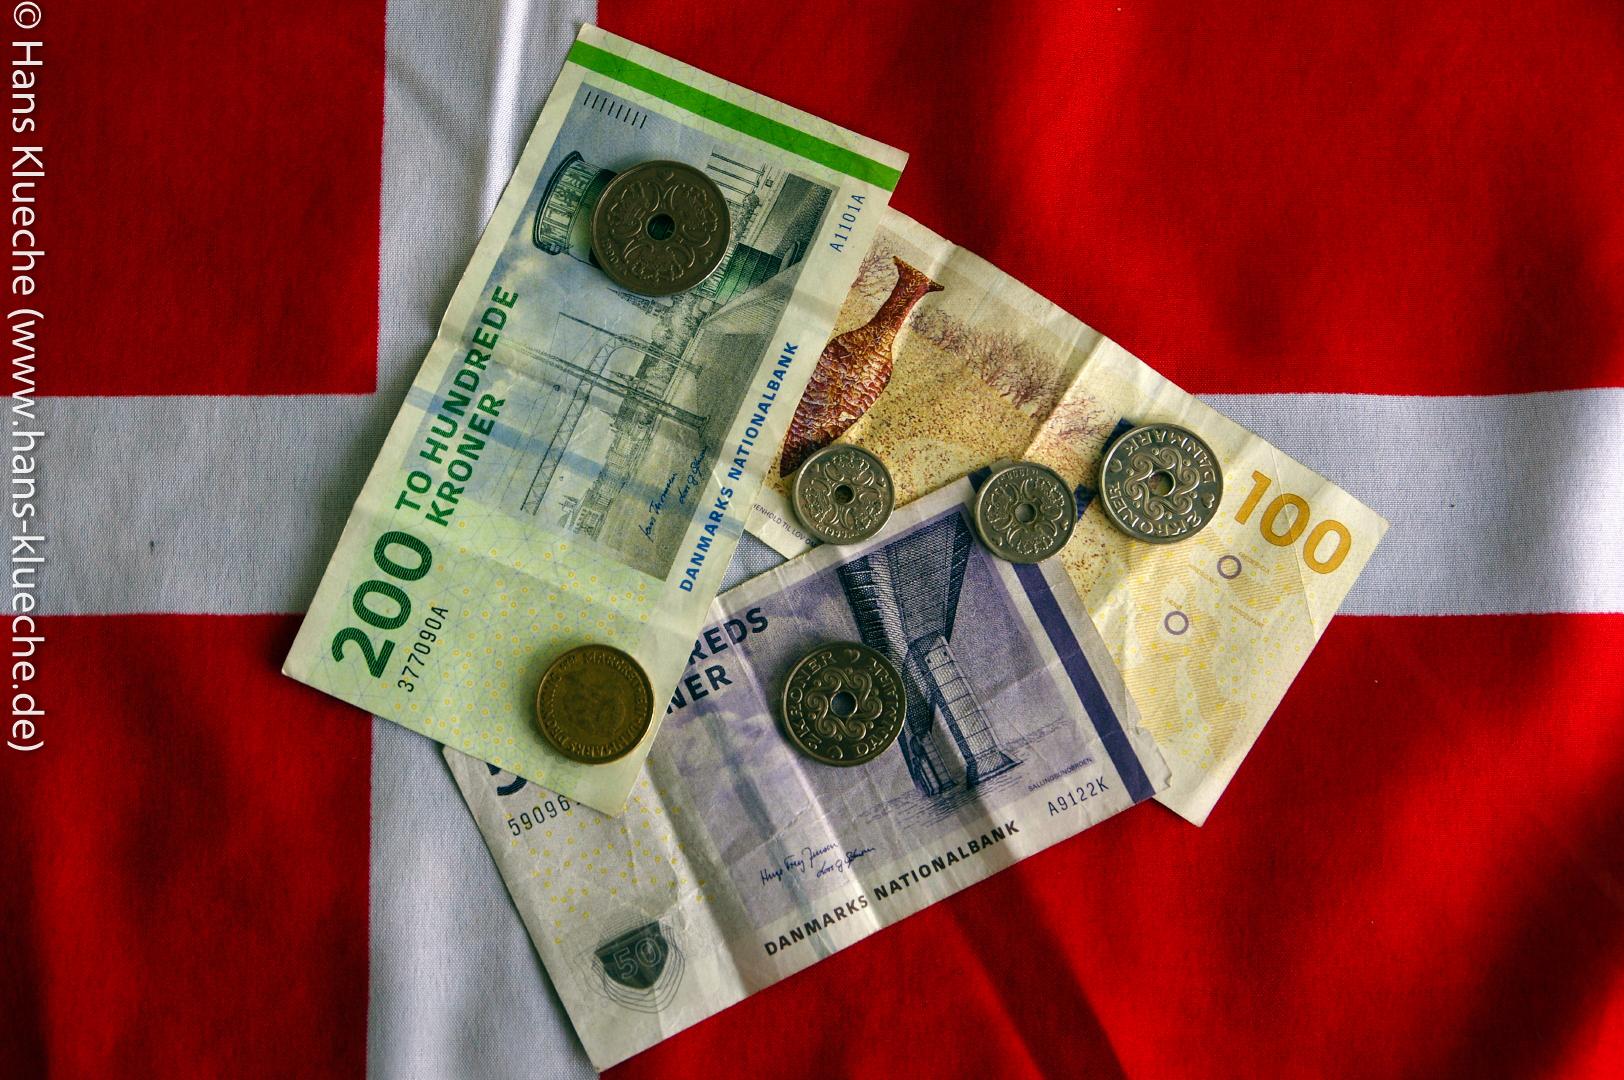 kann man in dänemark mit euro bezahlen 2021